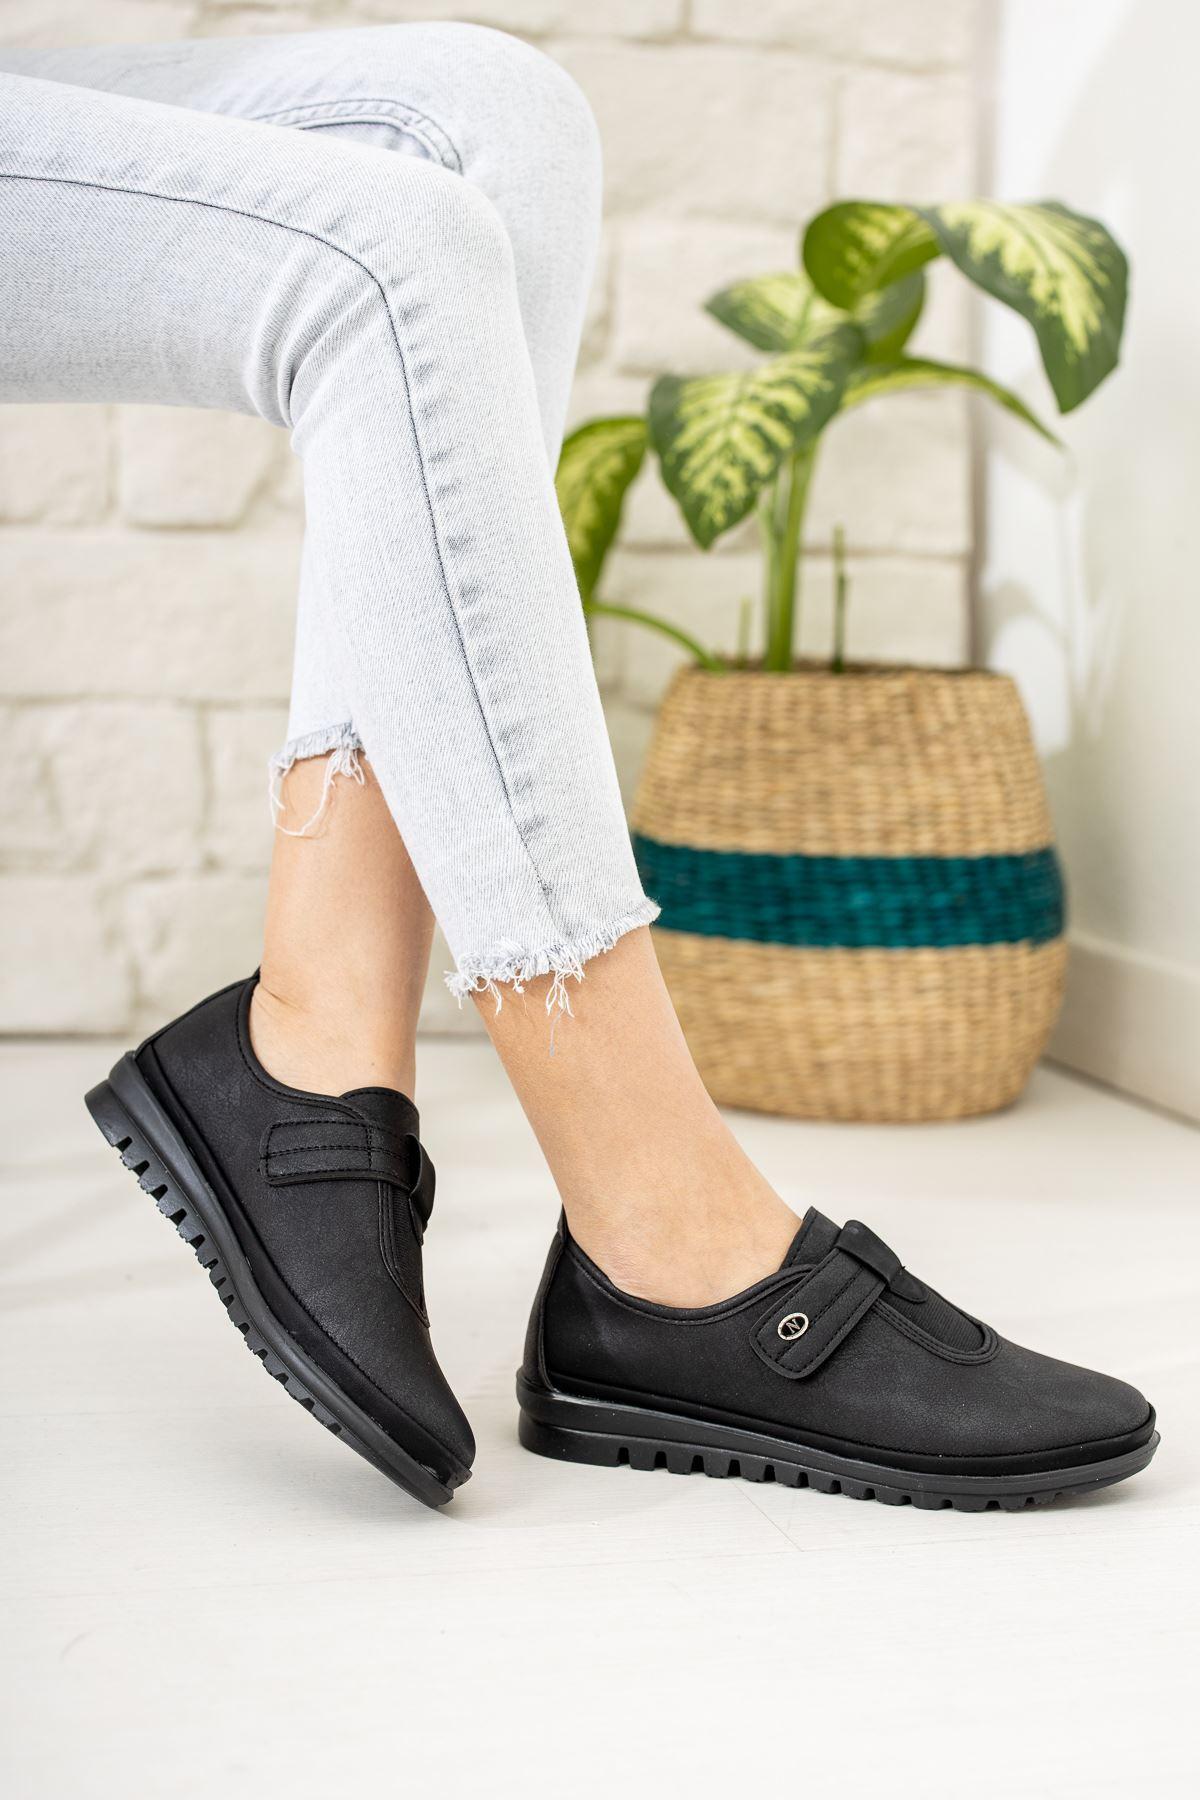 Ortapedik Pedli Cırtlı Siyah Cilt Ayakkabı